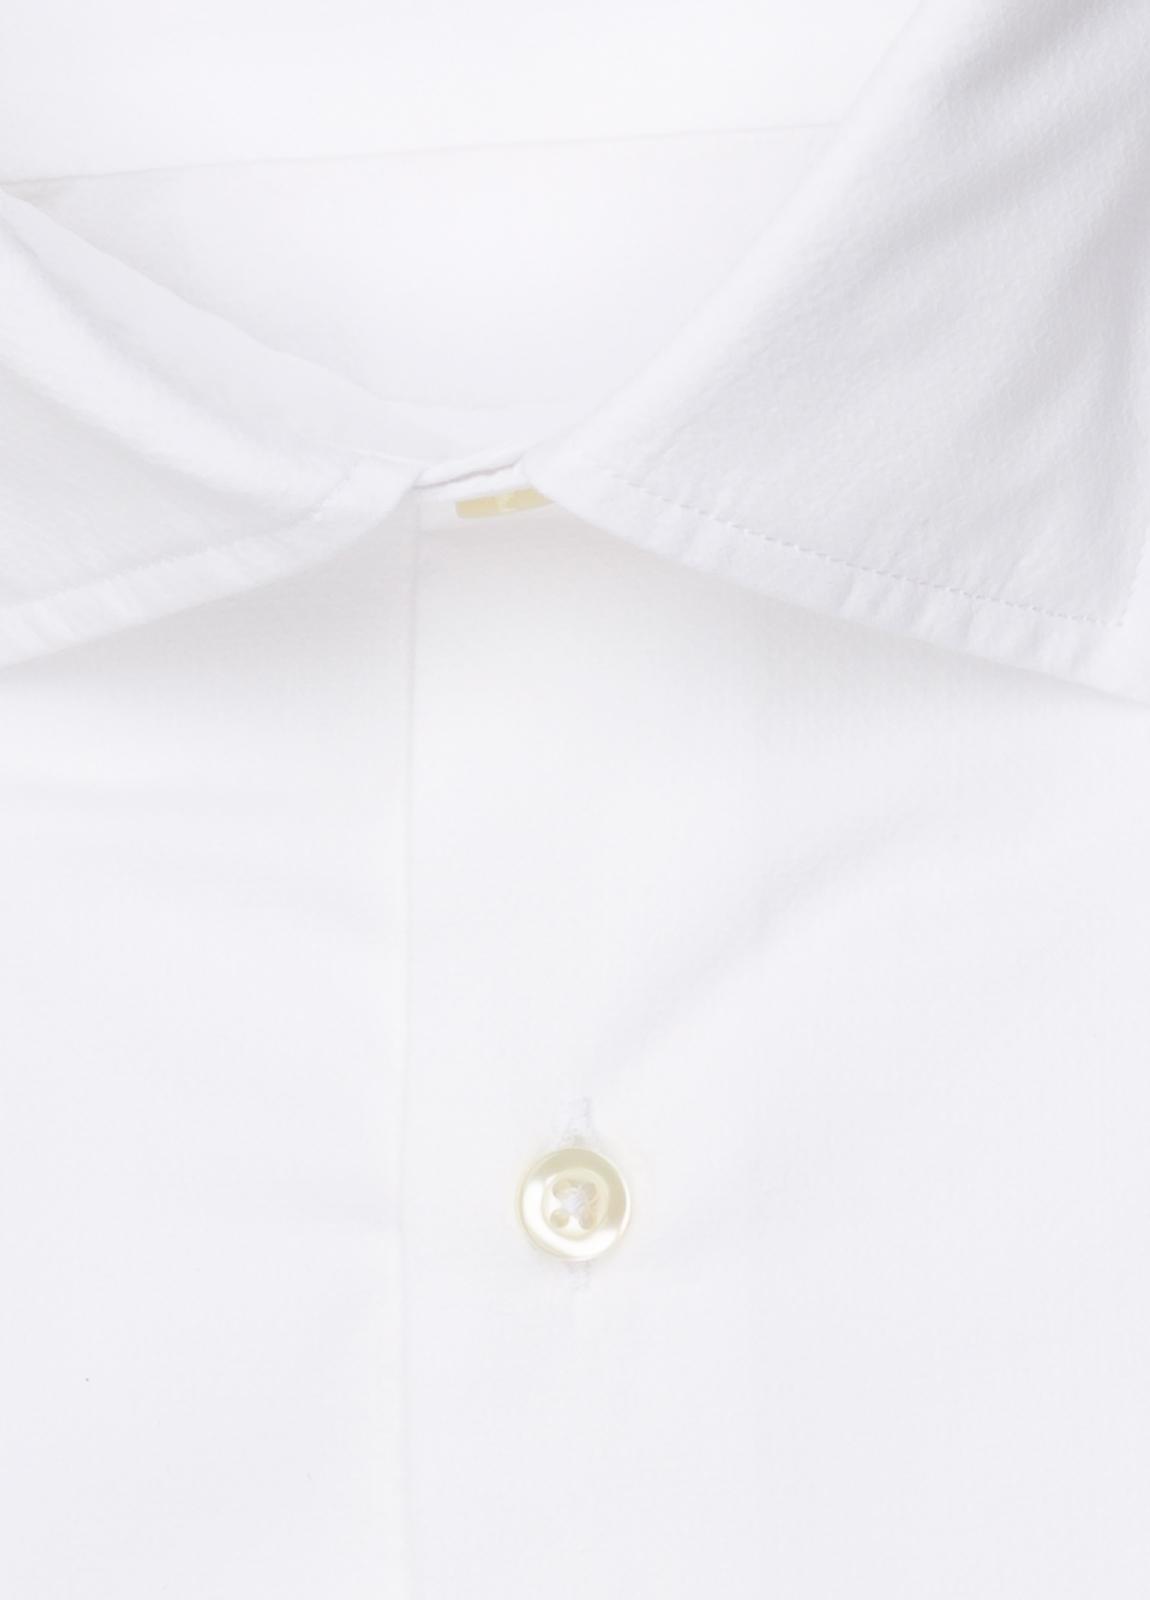 Camisa sport FUREST COLECCIÓN REGULAR FIT blanco - Ítem1